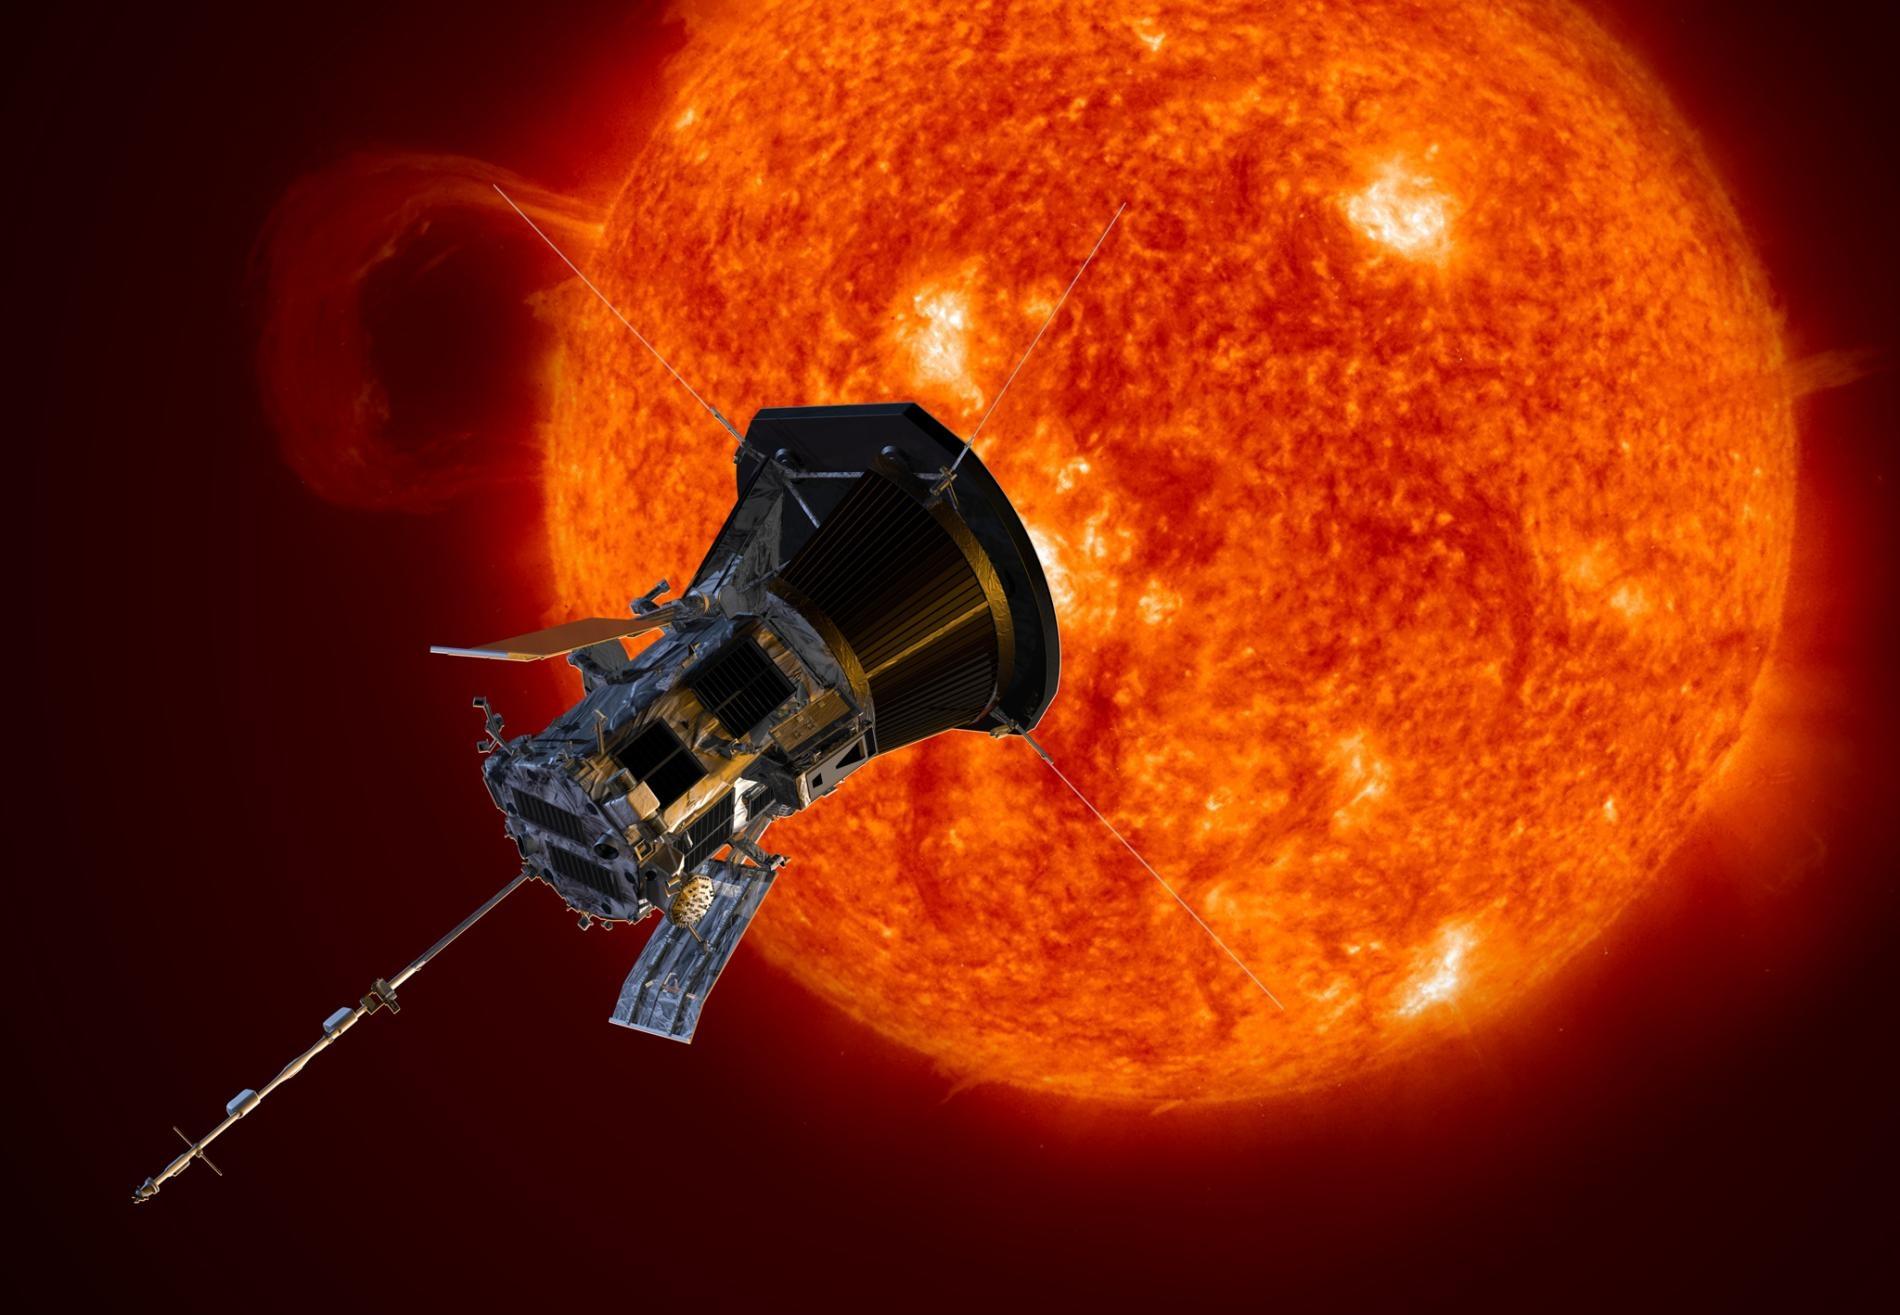 在這幅插圖中的帕克太陽探測器正接近太陽。這艘於2018年發射的太空船,現在成了有史以來最接近太陽的人造物體。ILLUSTRATION BY NASA/JOHNS HOPKINS APL/STEVE GRIBBEN